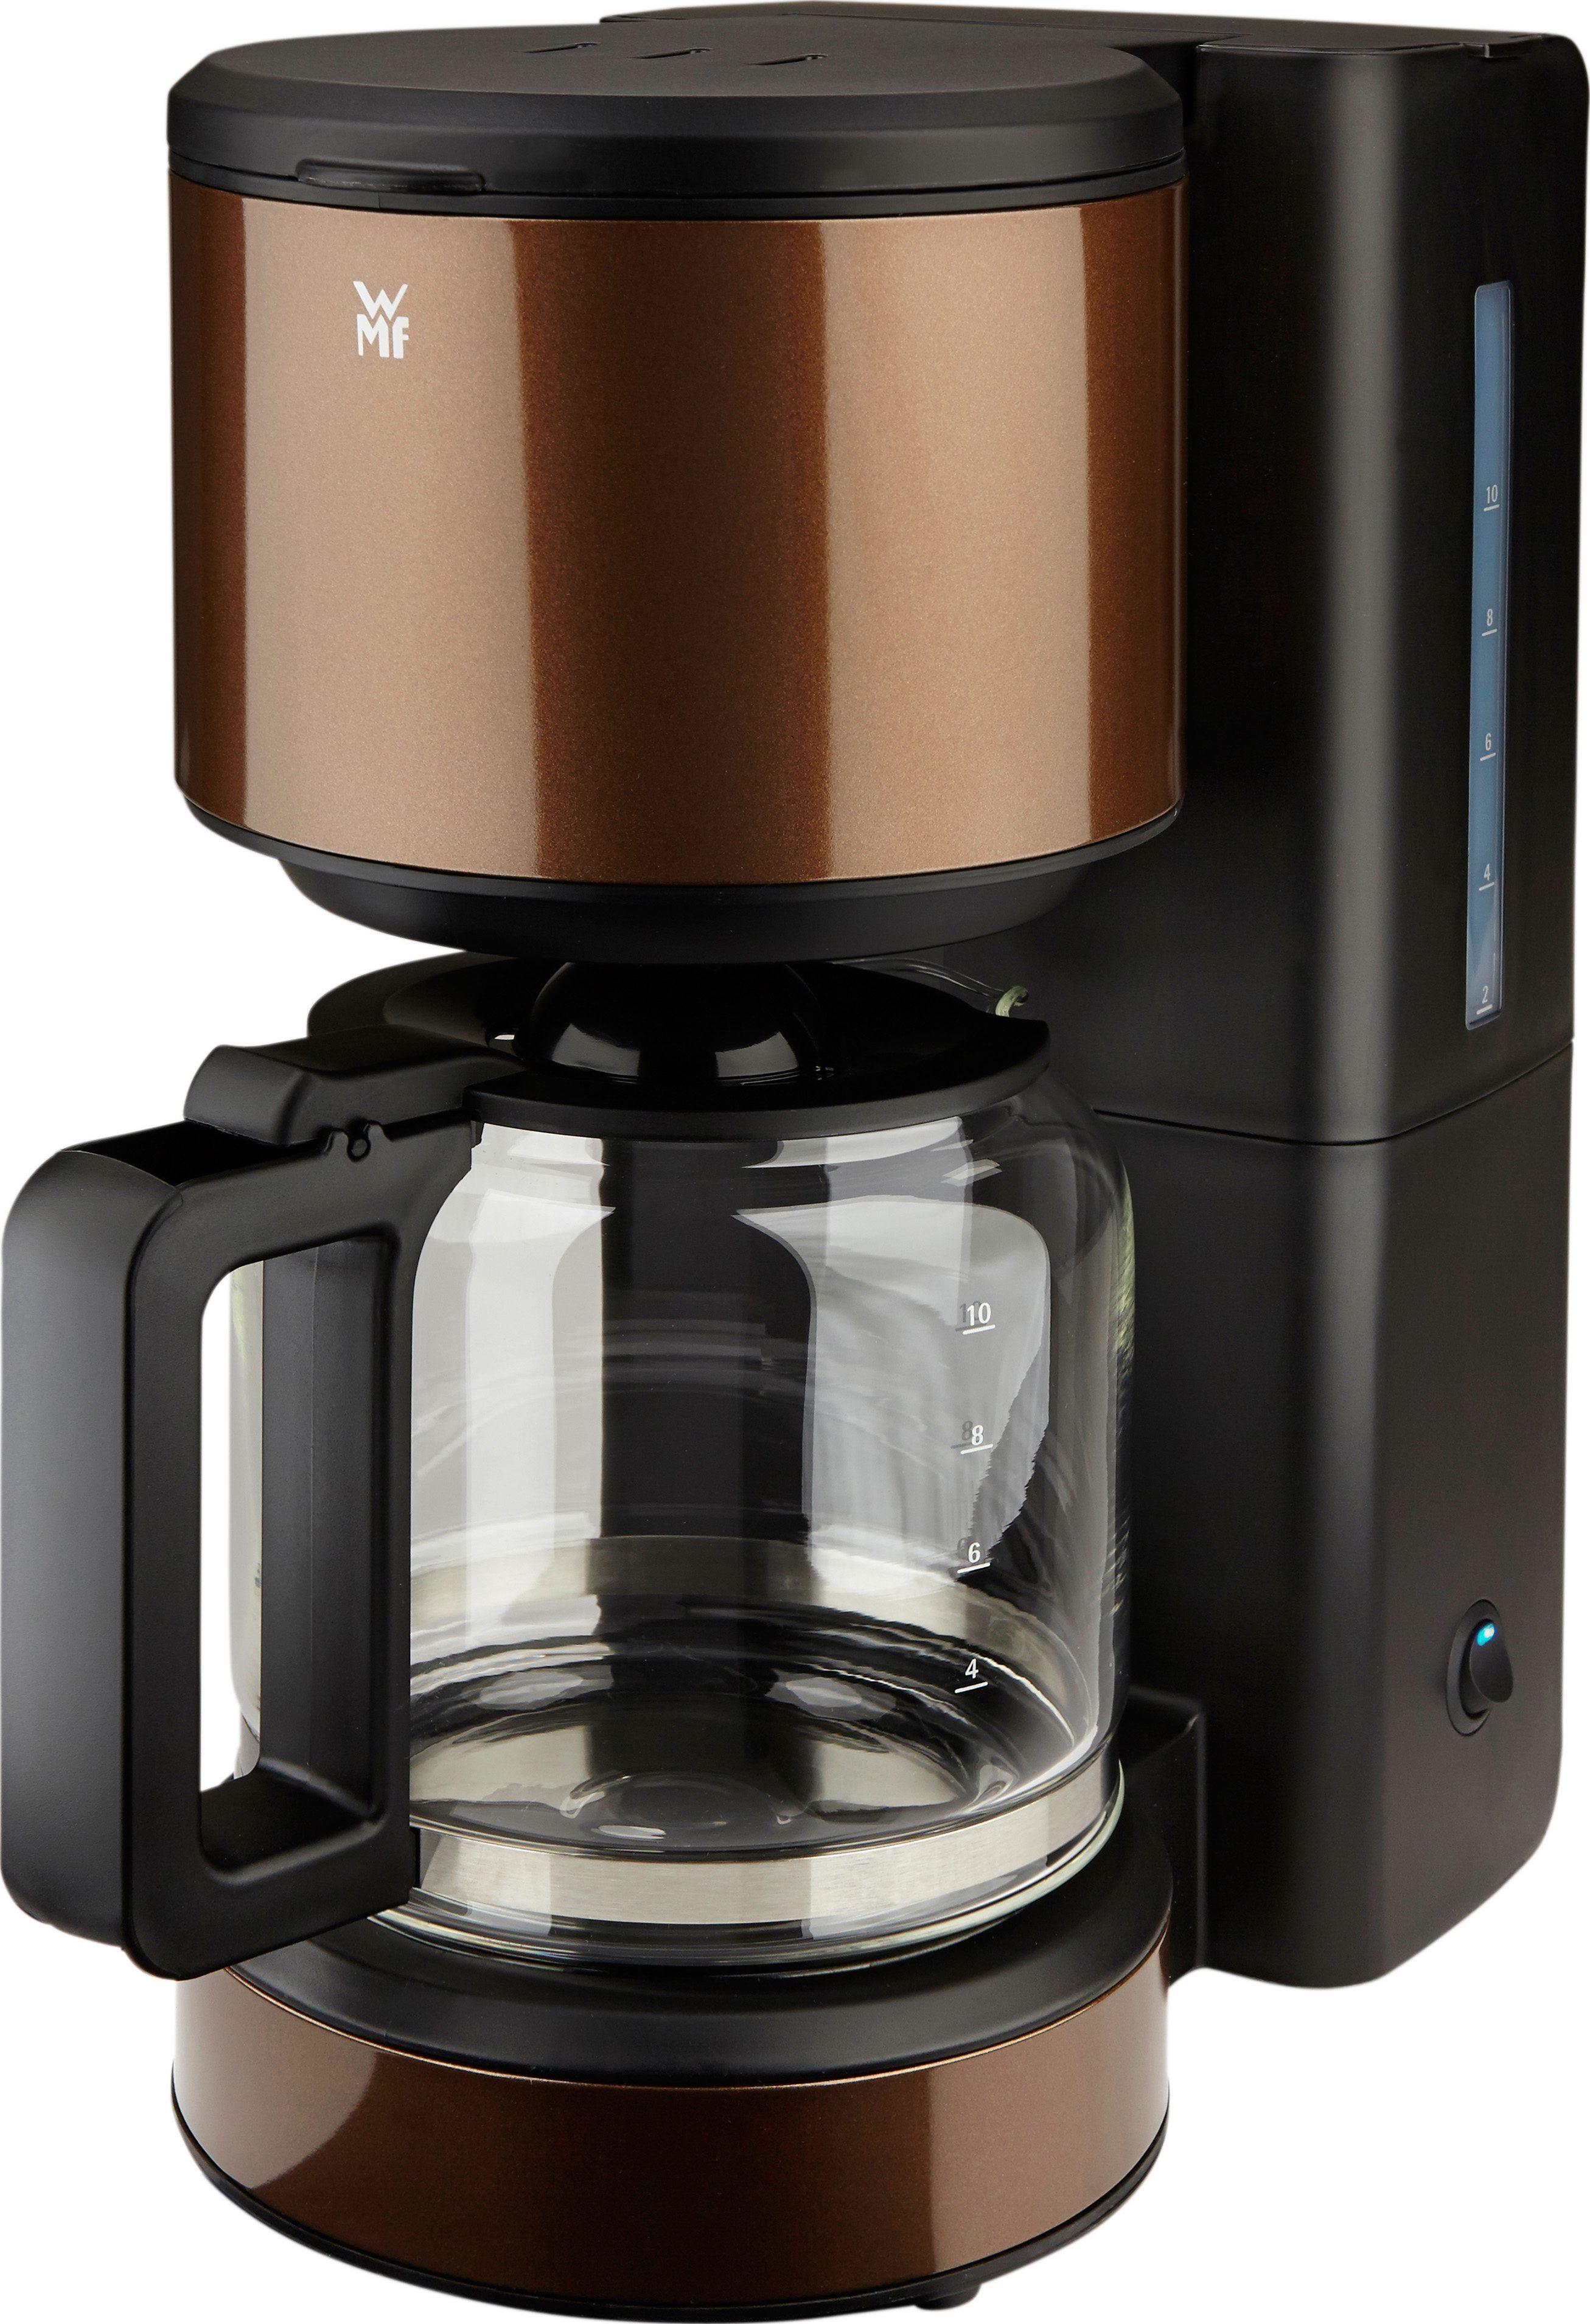 WMF Kaffeemaschine Terra, 34,2 cm Höhe, 19 cm Breite